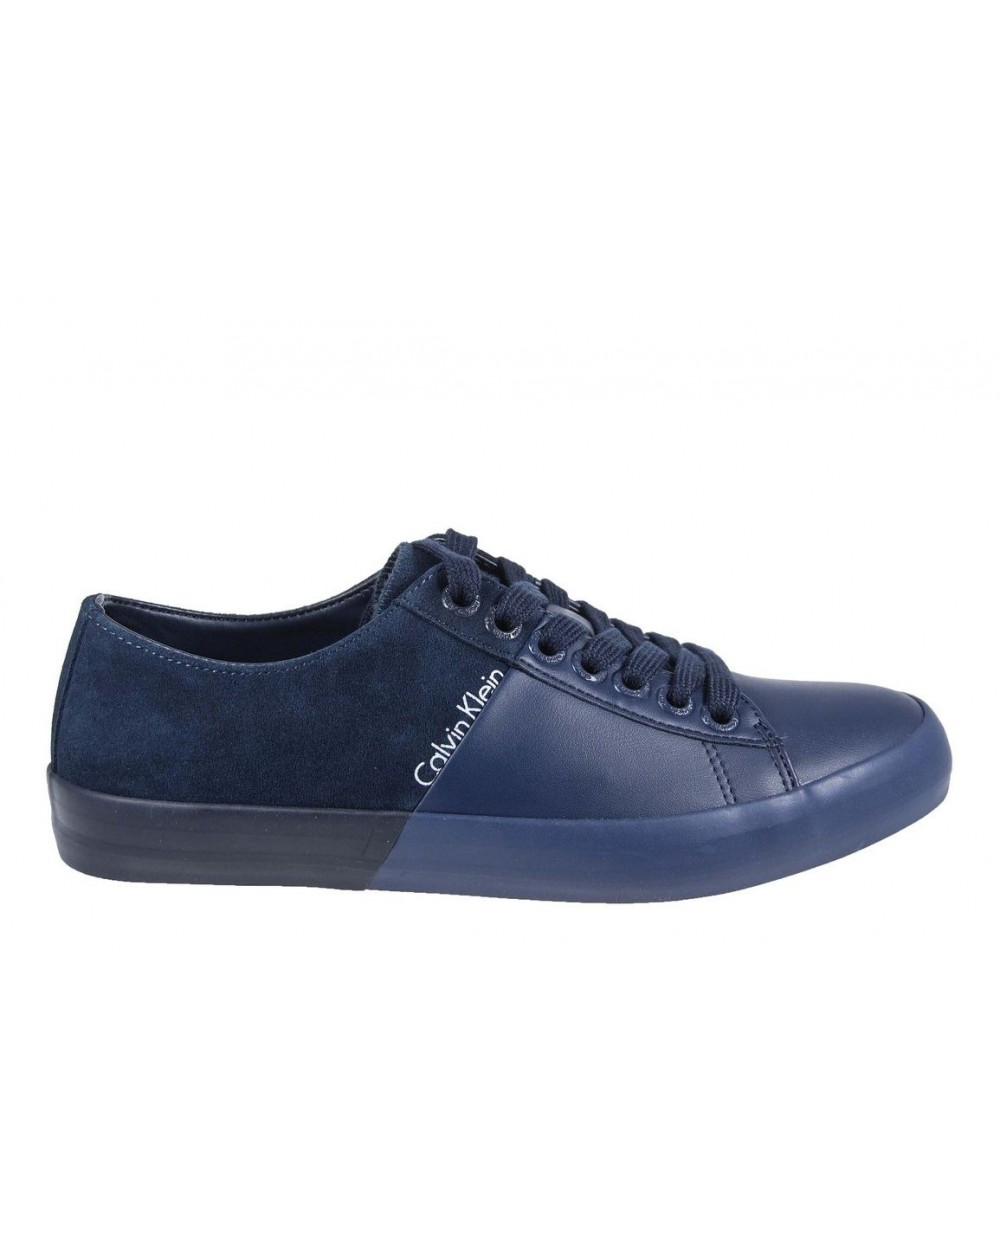 Sneakersy męskie Calvin Klein BYRON SE8461 brooman.pl